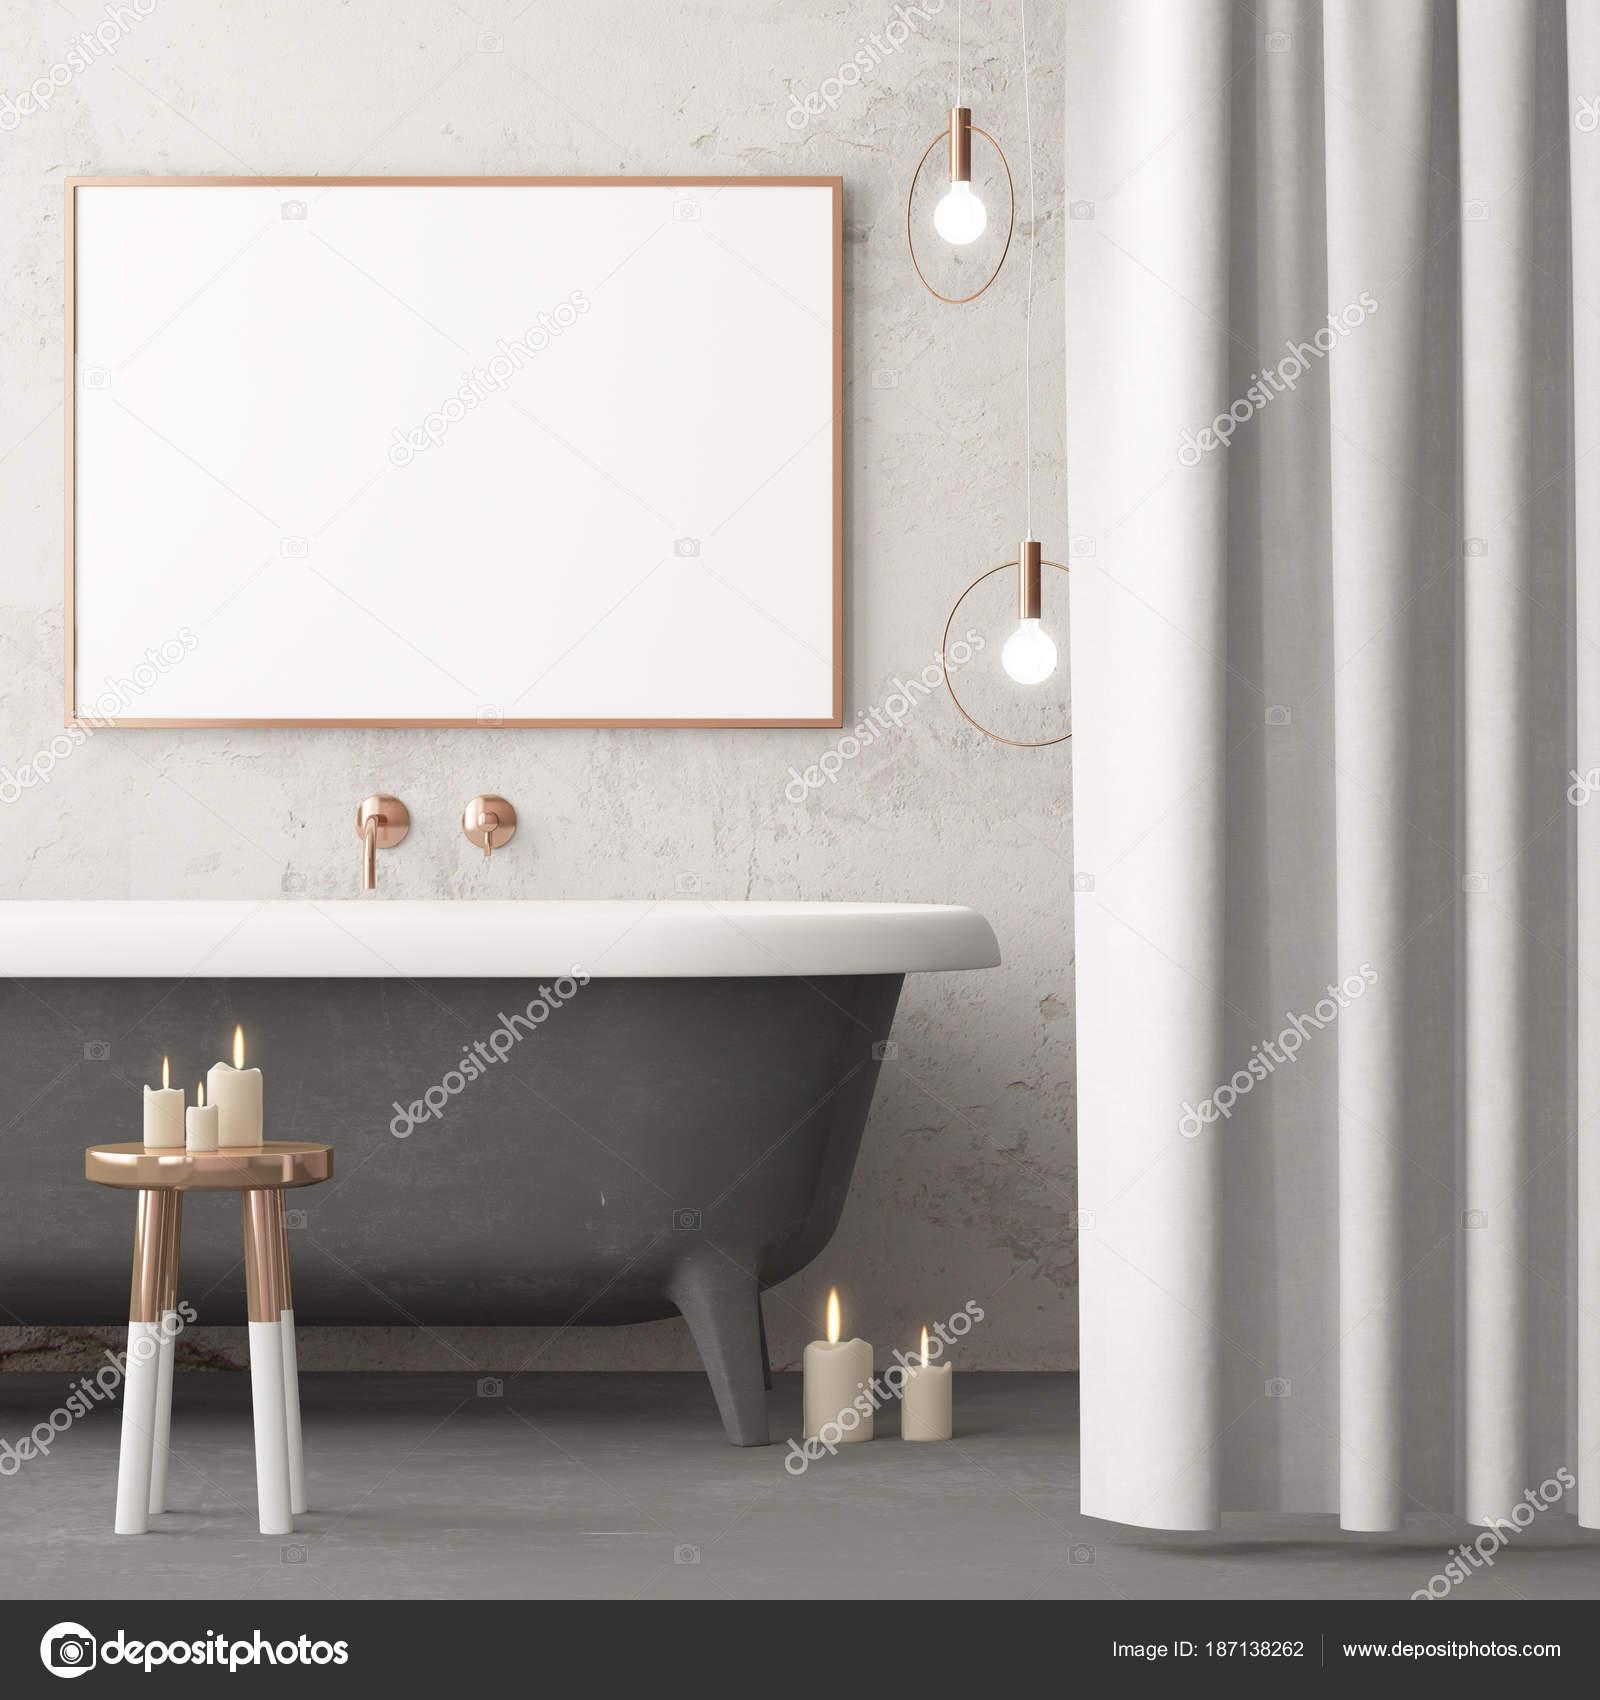 maquette affiche dans salle bain dans style vintage couleur tendance